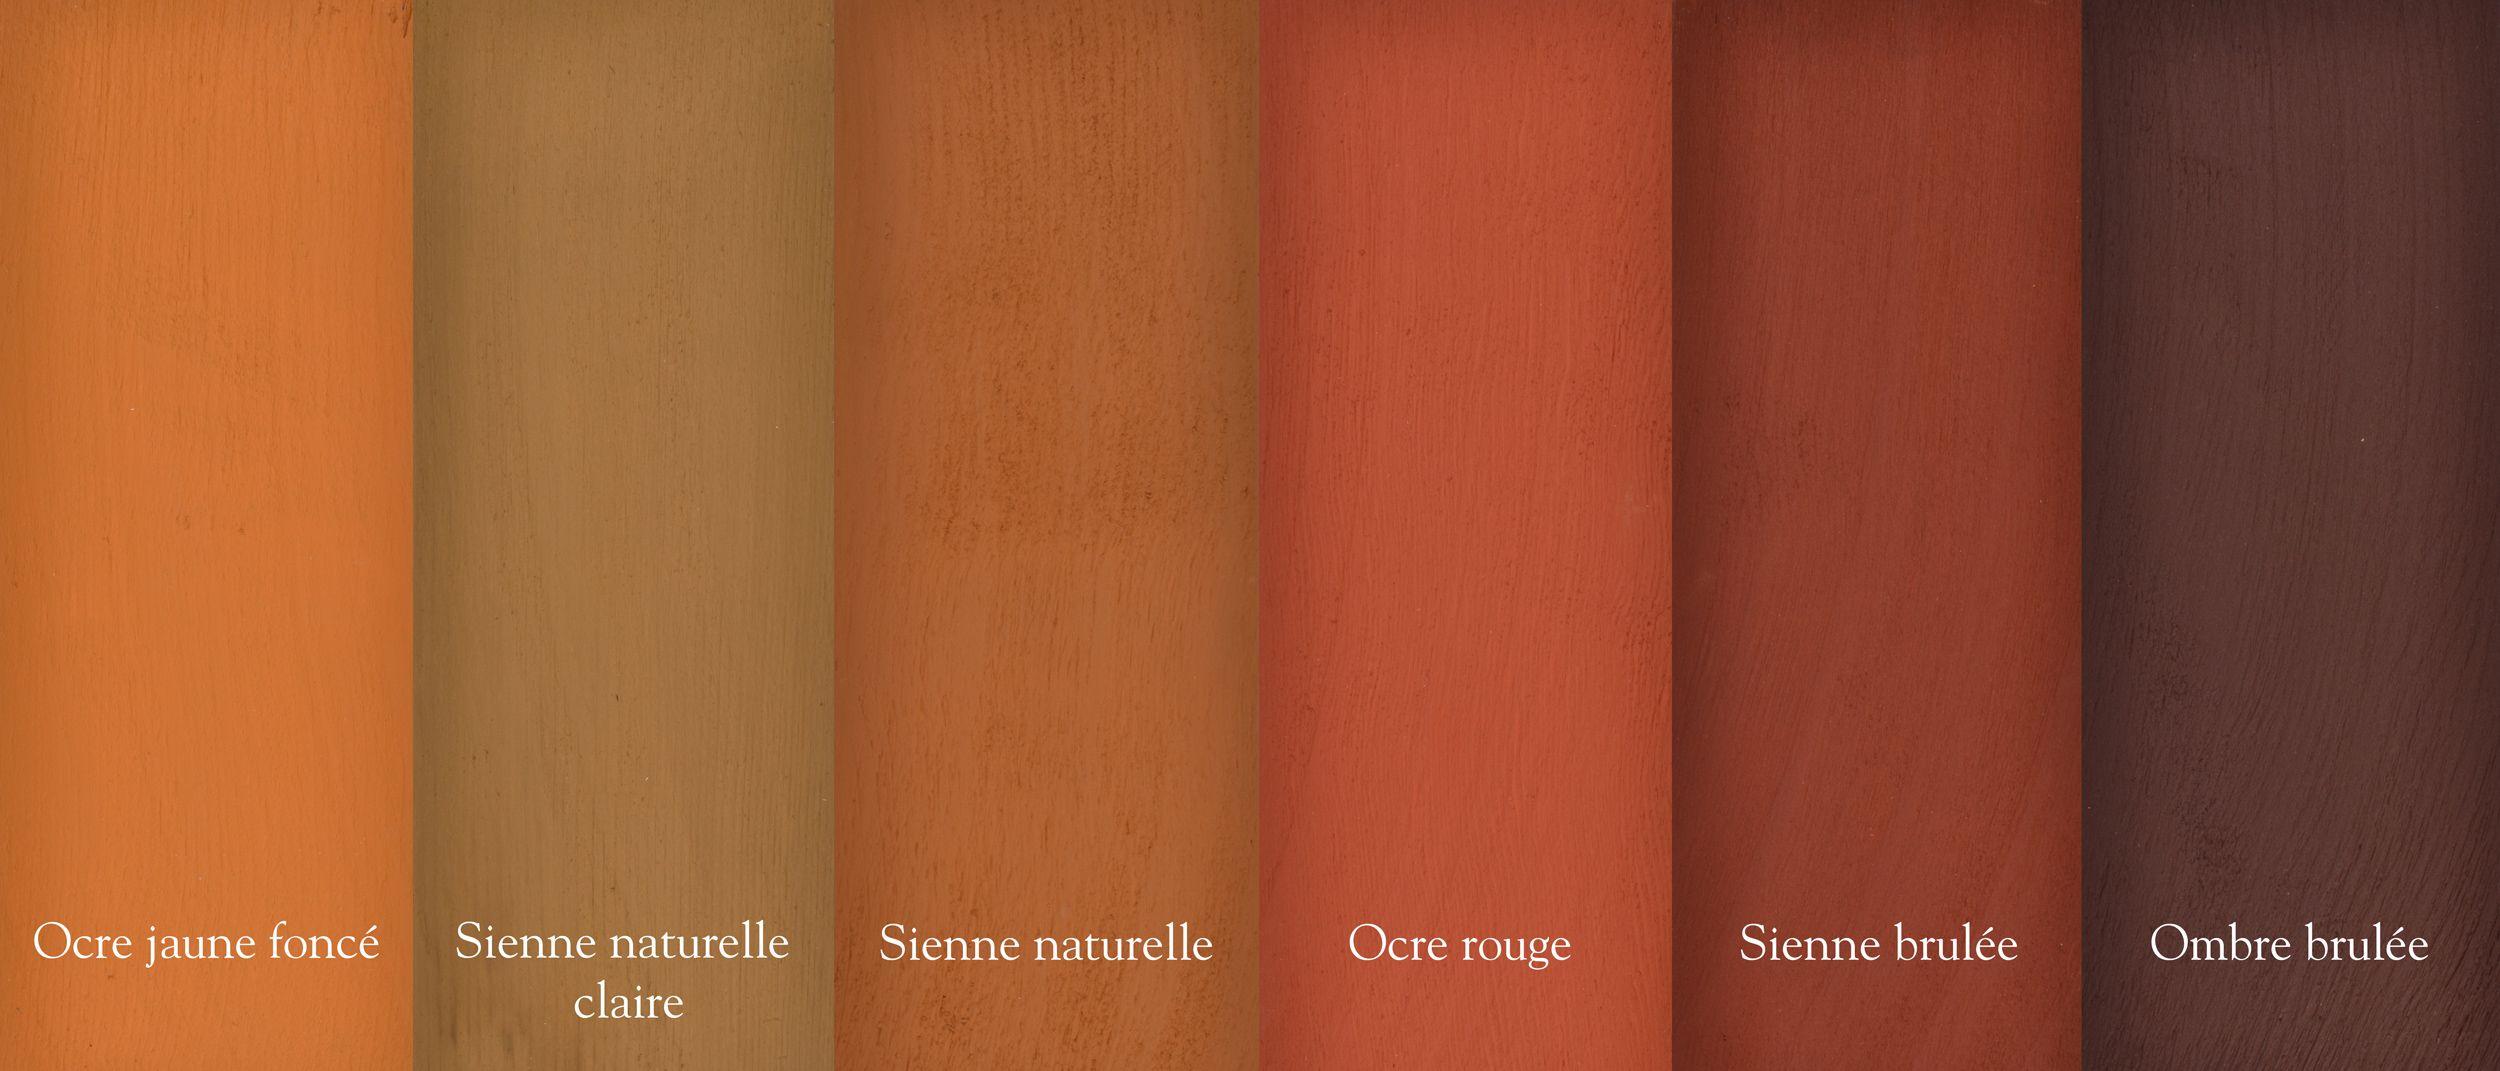 La peinture la farine une peinture maison facile for Peinture radiateur couleur cuivre